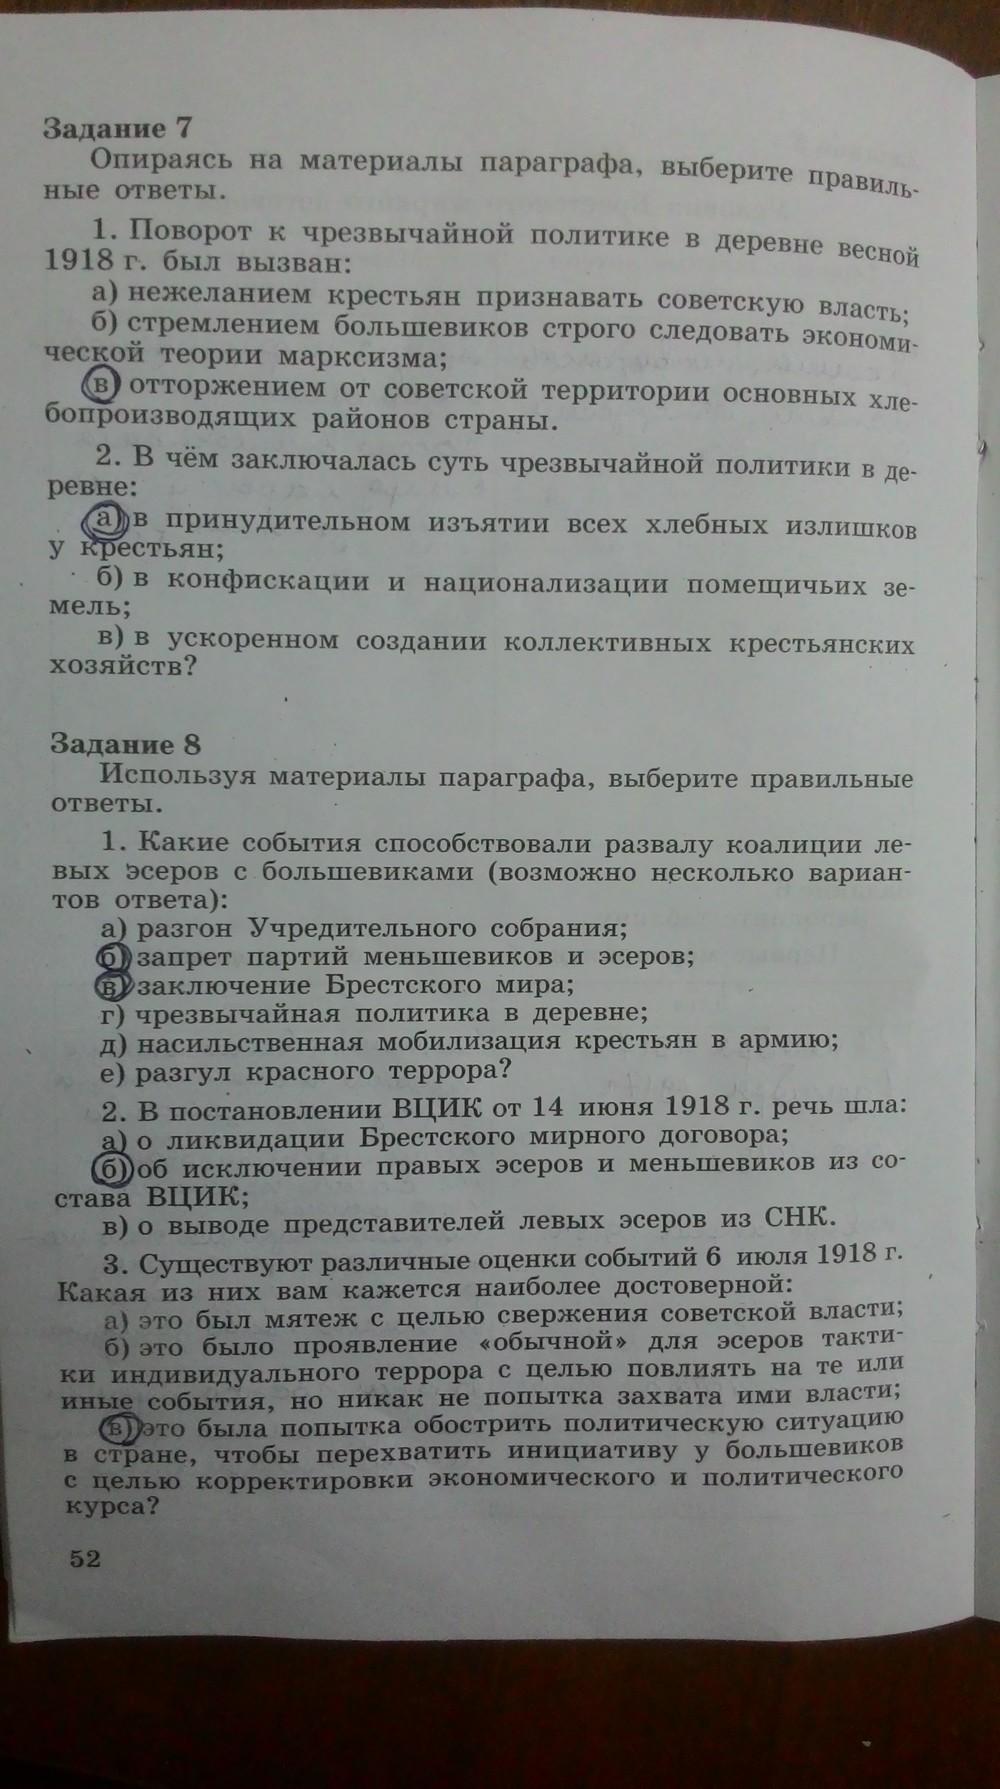 гдз по истории 8 класс рабочая тетрадь 2 а.а данилов л.г косулина